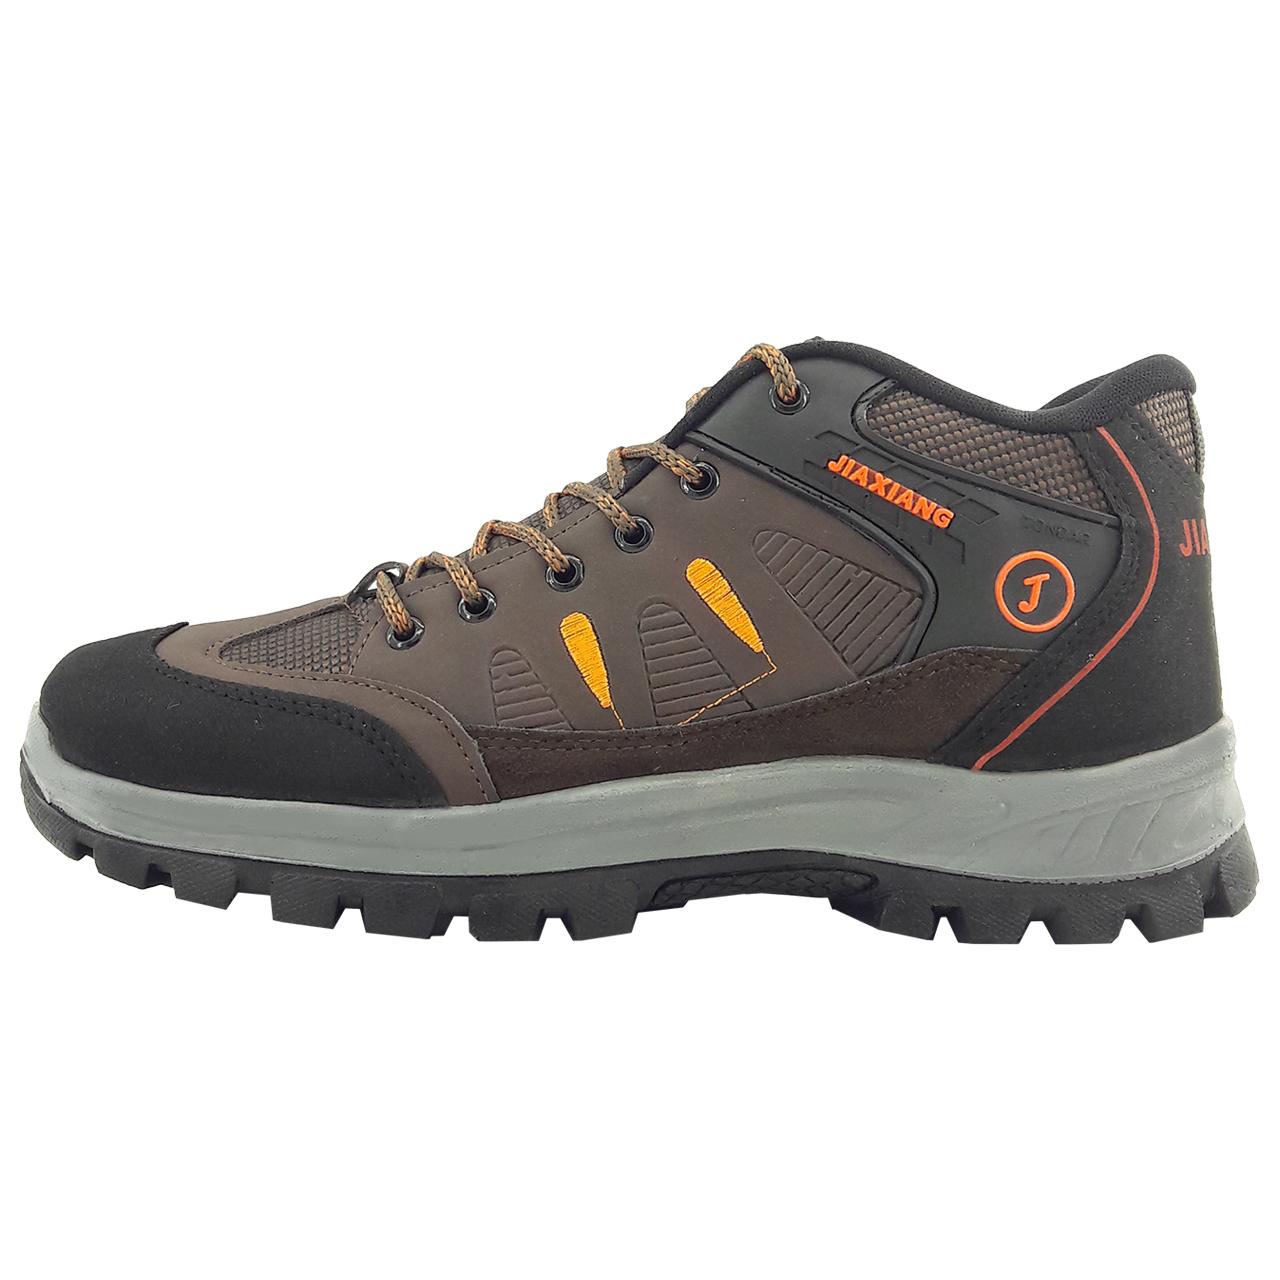 قیمت کفش کوهنوردی مردانه جیاکسیانگ مدل -Jax tnd.brw.-01new